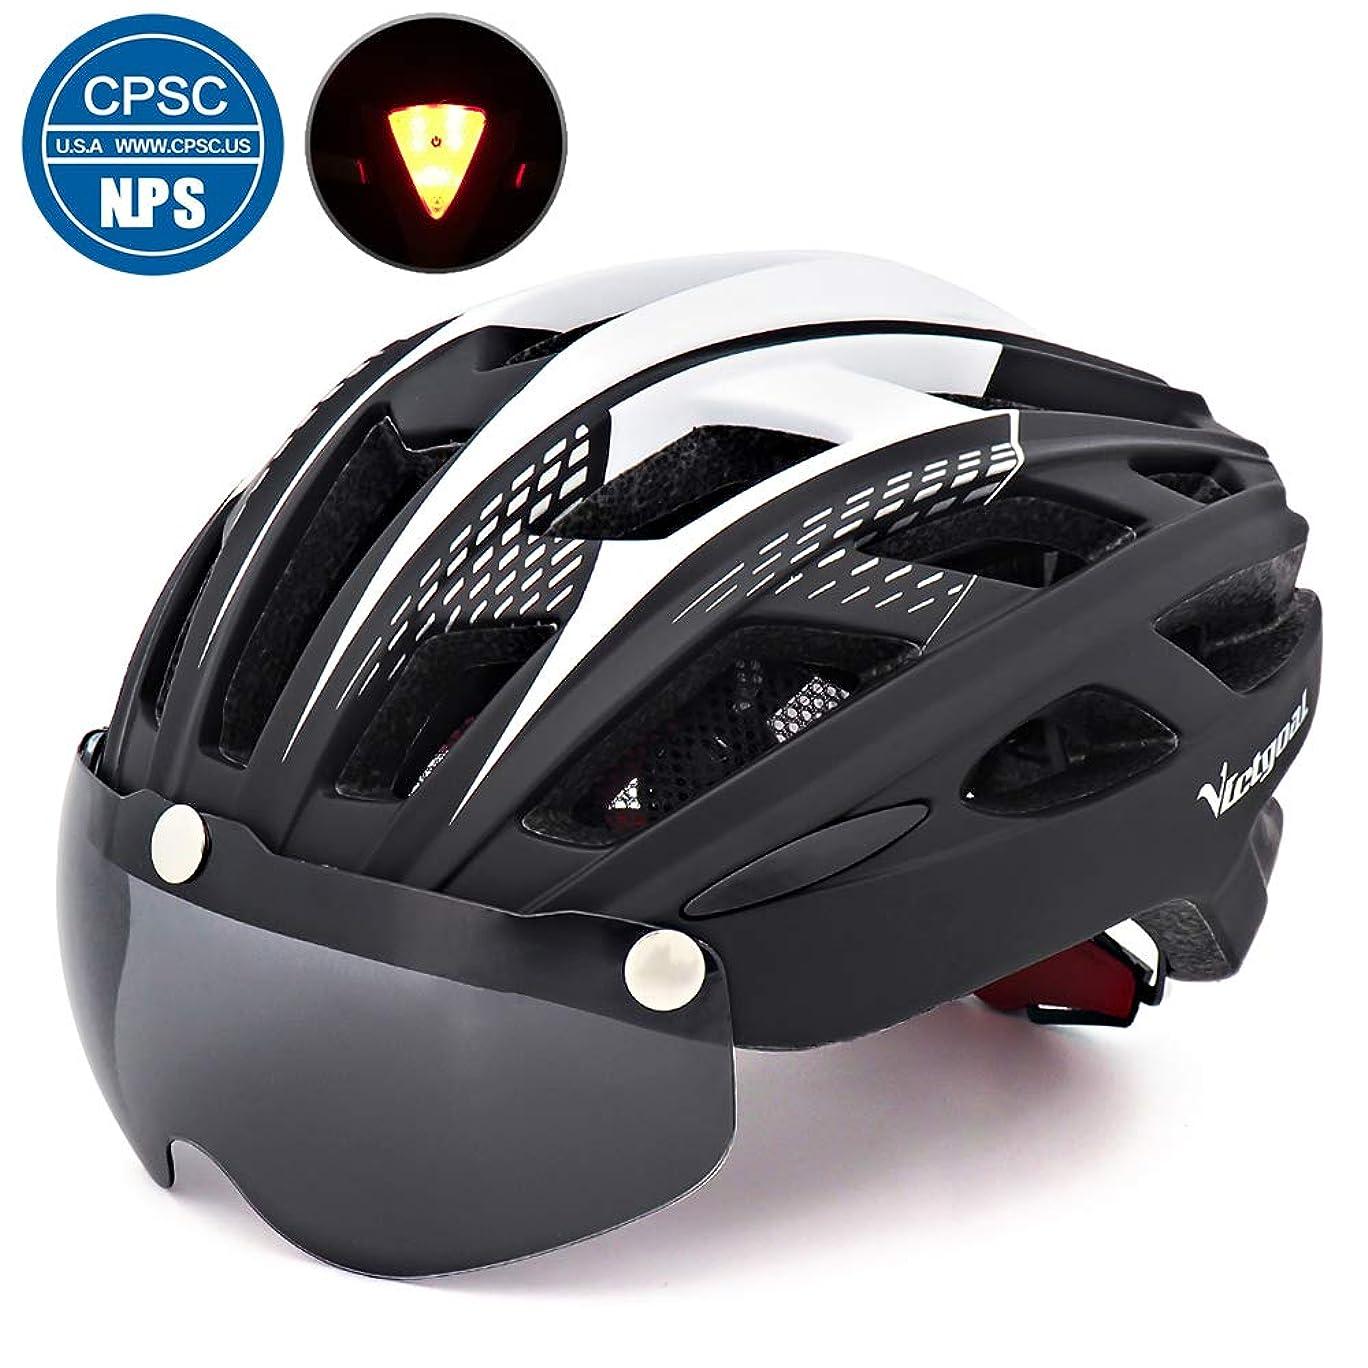 グリップ天気かんがい自転車 ヘルメット, VICTGOAL大人男女兼用 で磁気ゴーグルバ 超軽量 高剛性 サイクリング ロードバイク クロスバイク スポーツ 通気 サイズ調整可能